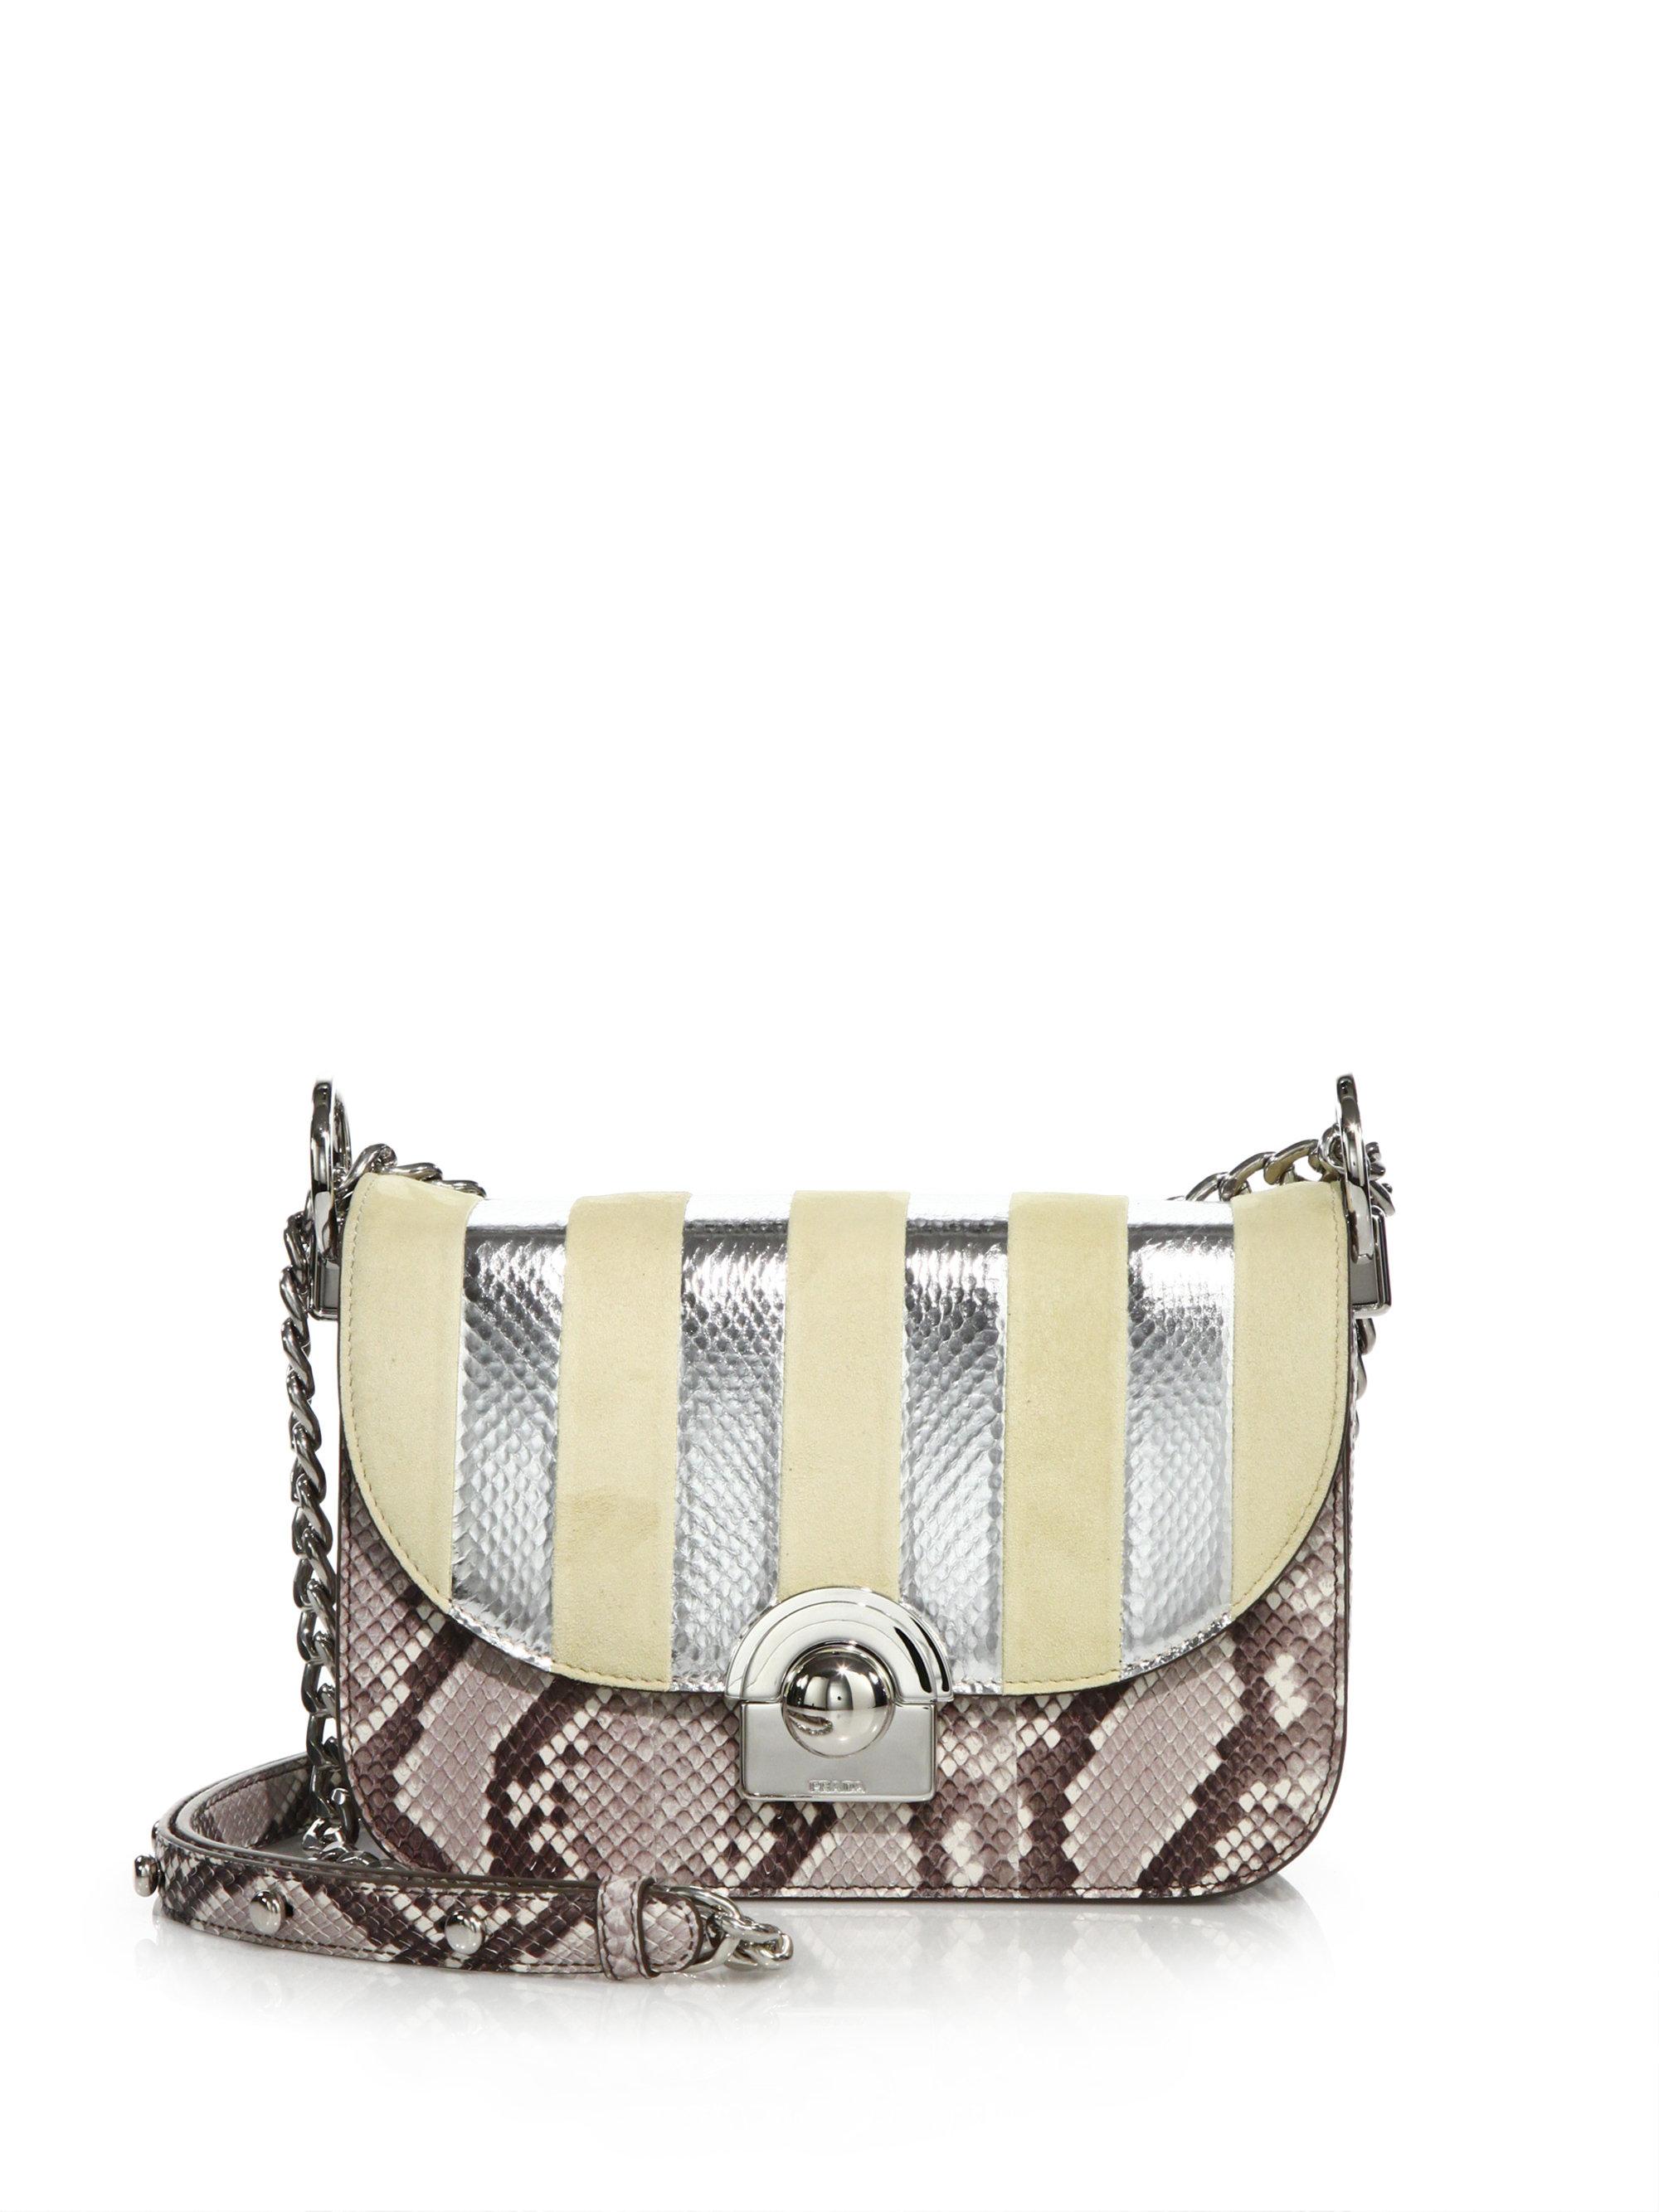 sale prada handbag - prada python medium double bag, prada knock off